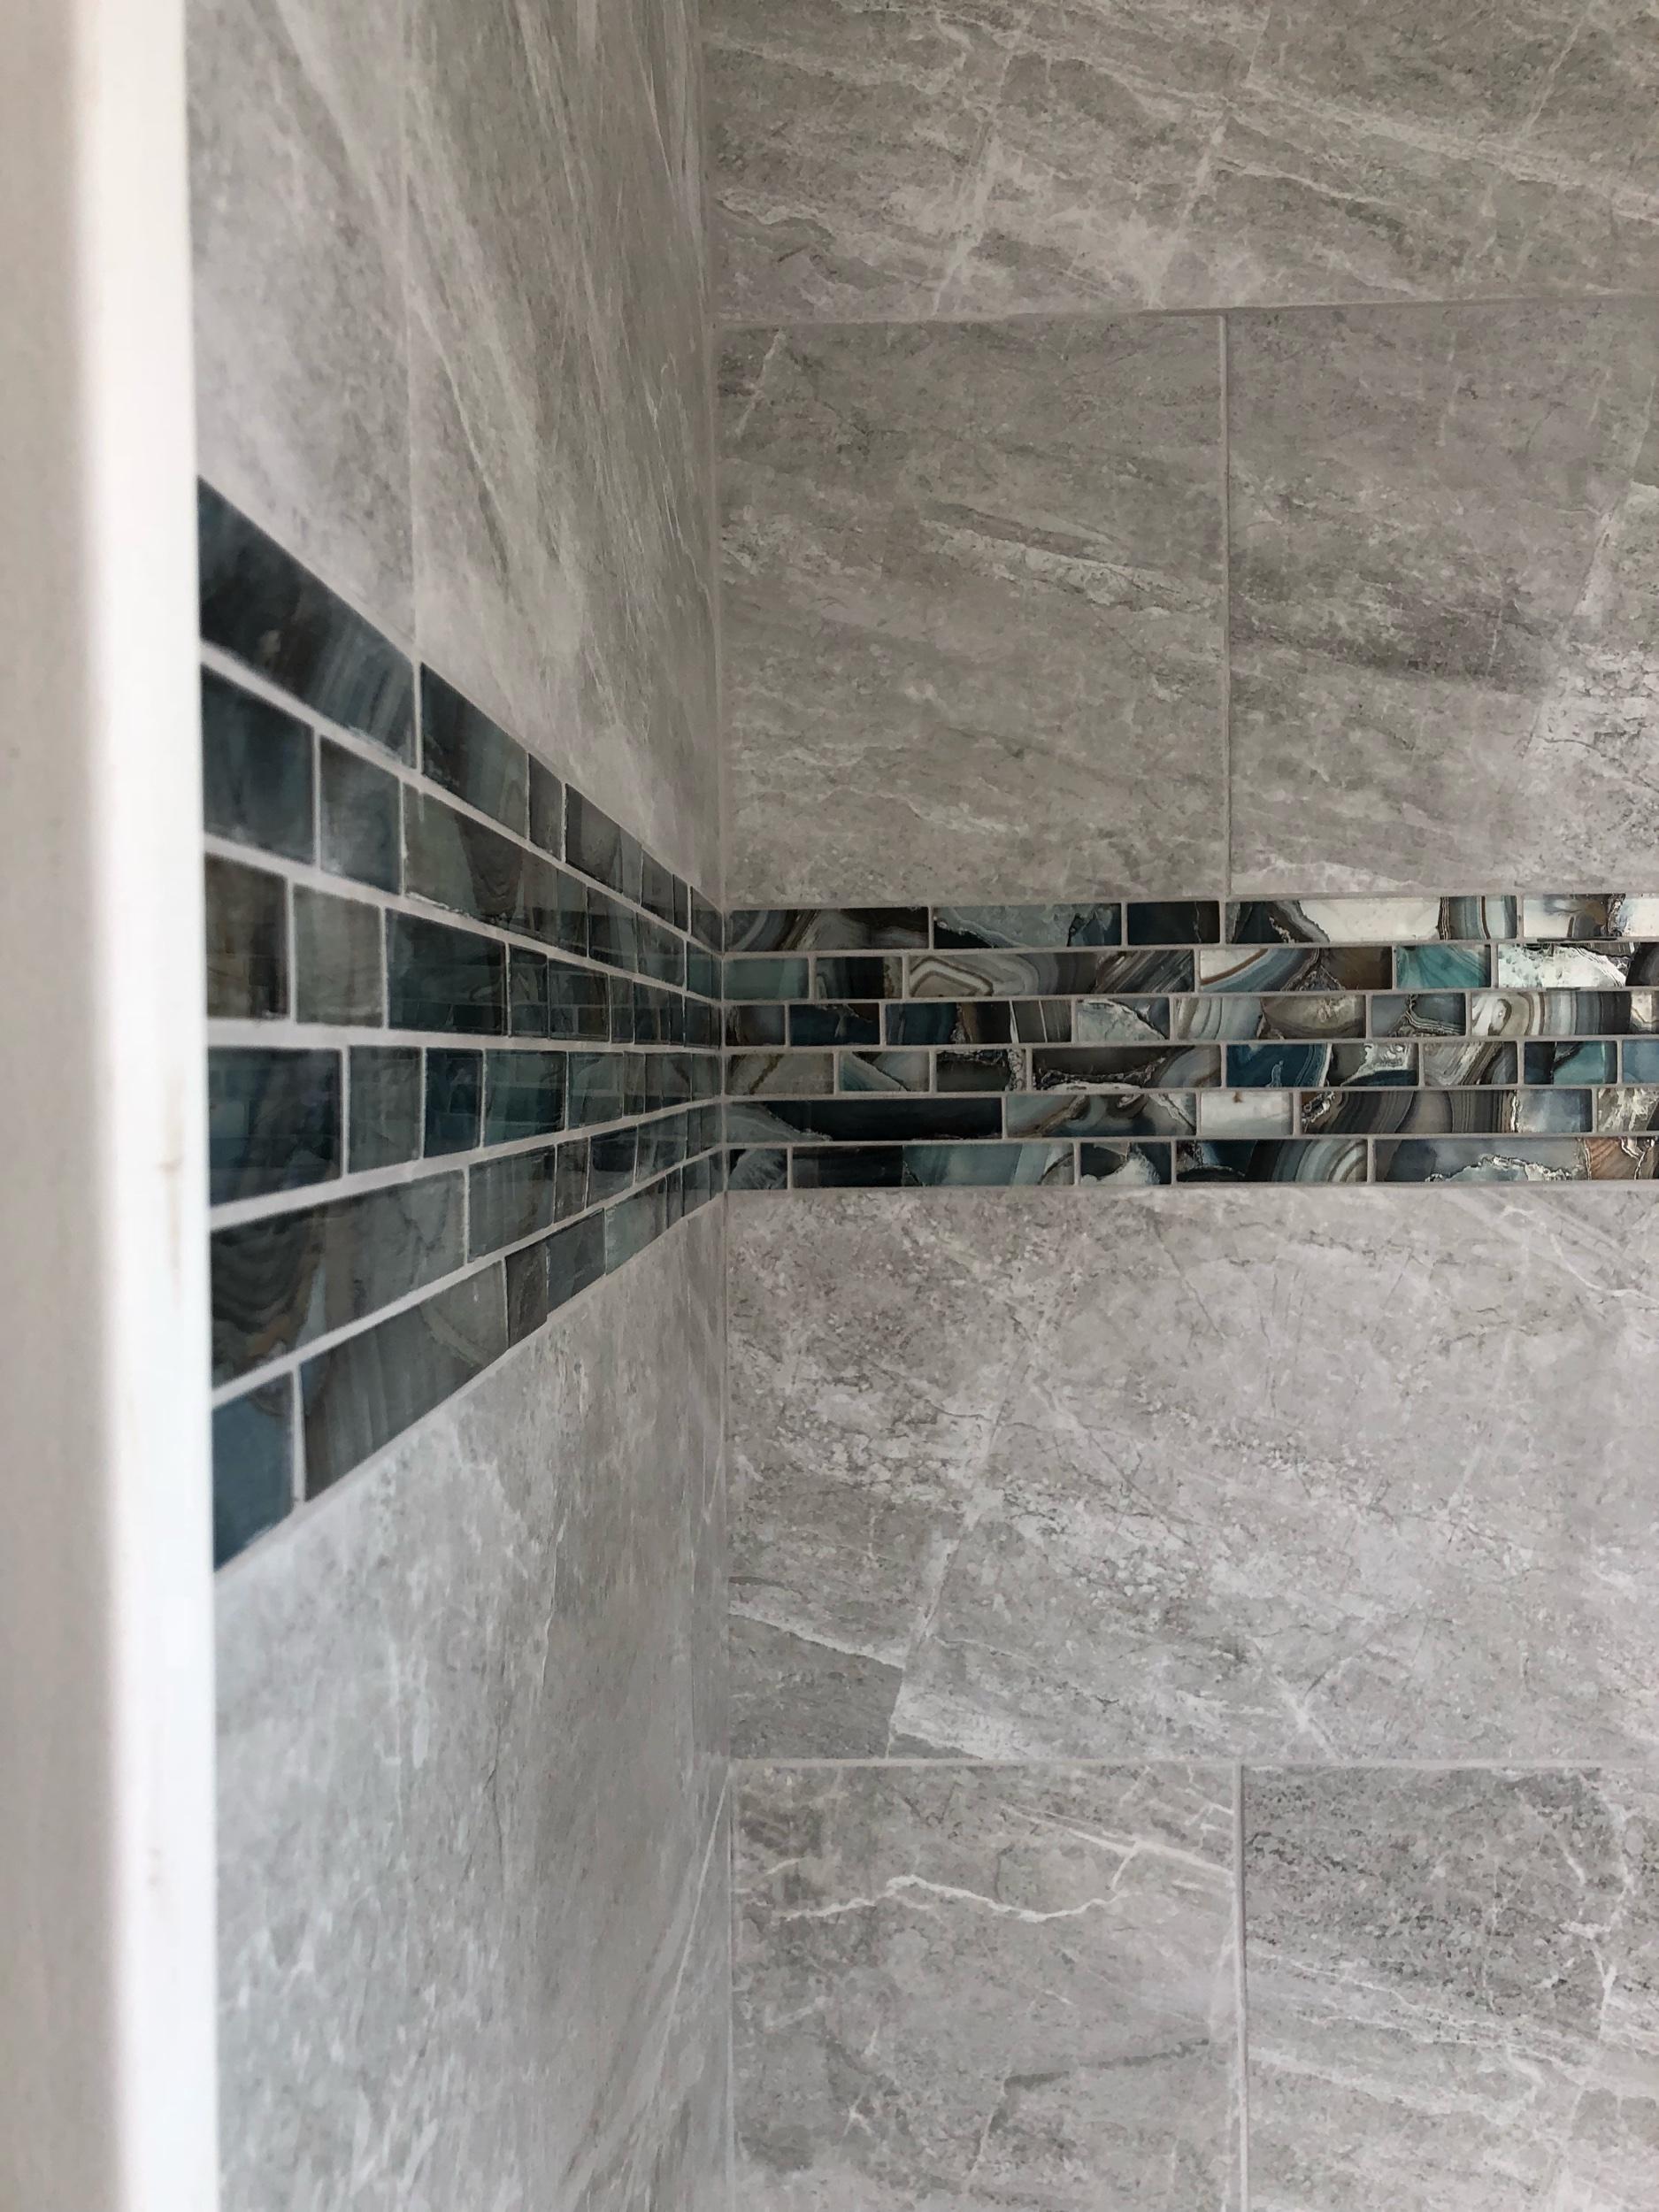 Tile Contractors - Tile Installers, Tile Setters, porcelain tile, marble tiles, floors, walls, showers, walls.